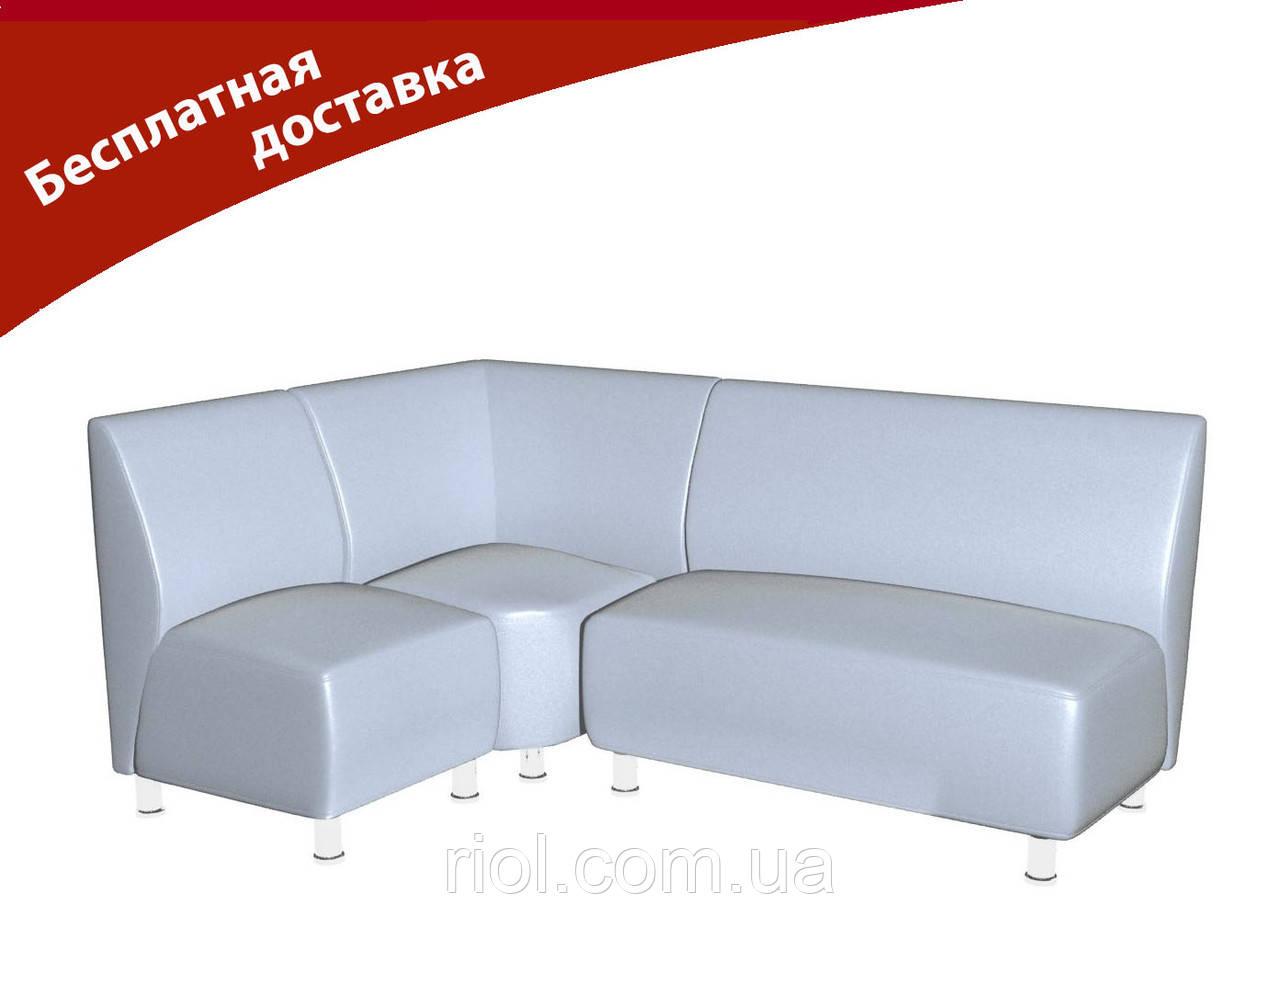 Комплект мягкой мебели для офиса и кафе белый